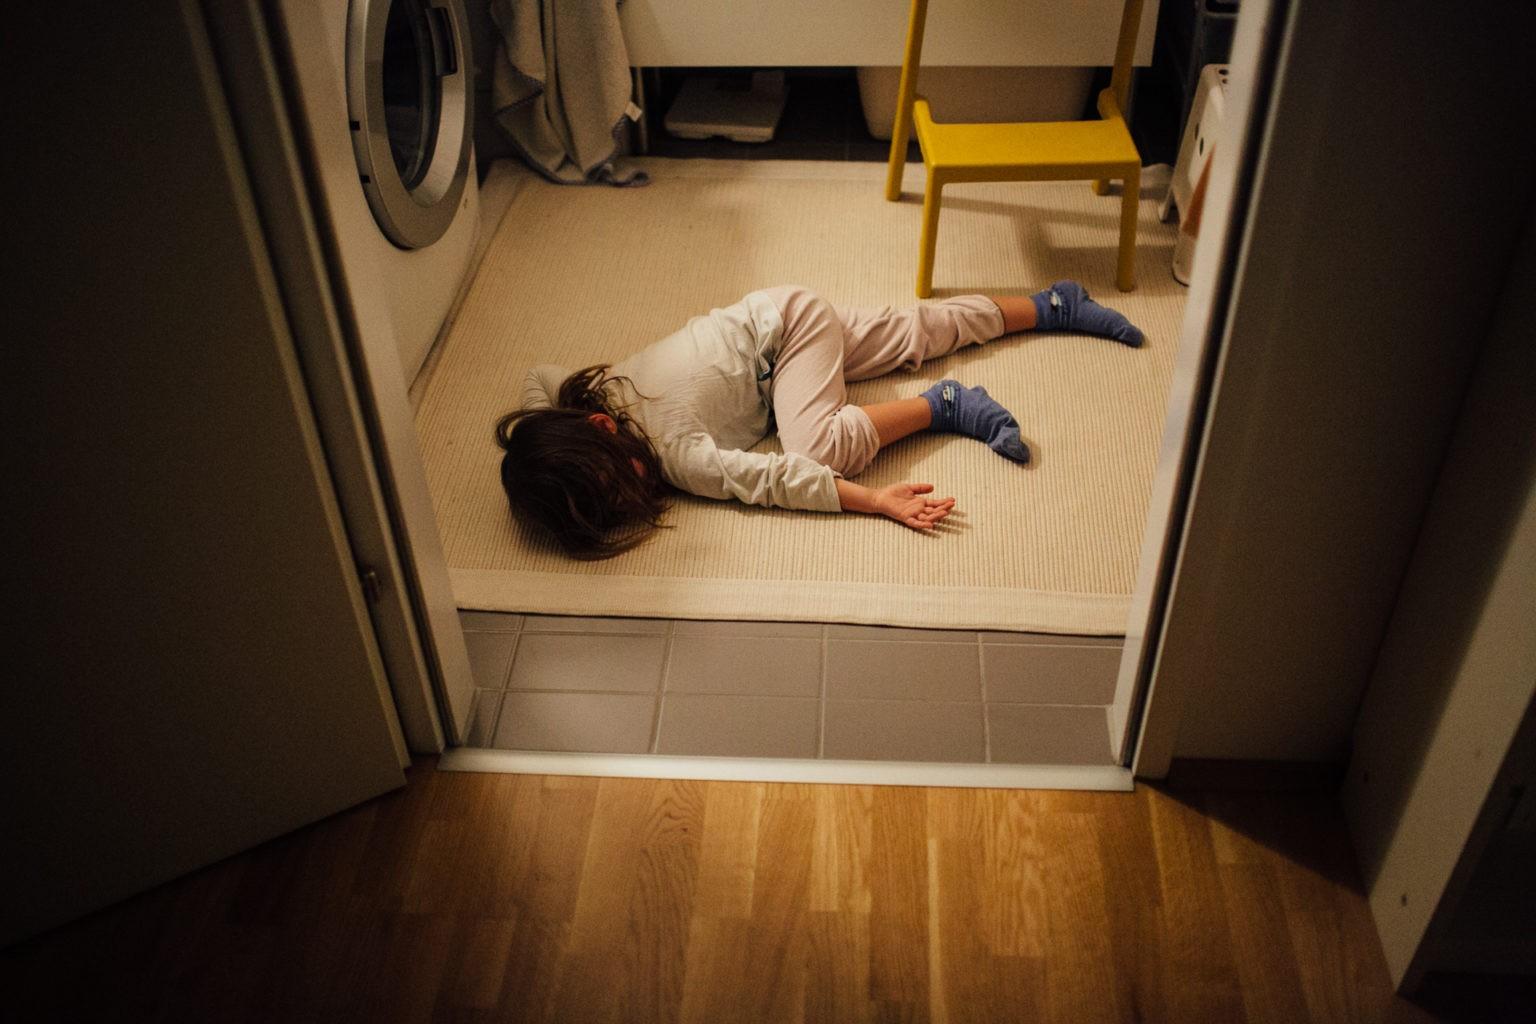 Kind liegt im Bad am Boden